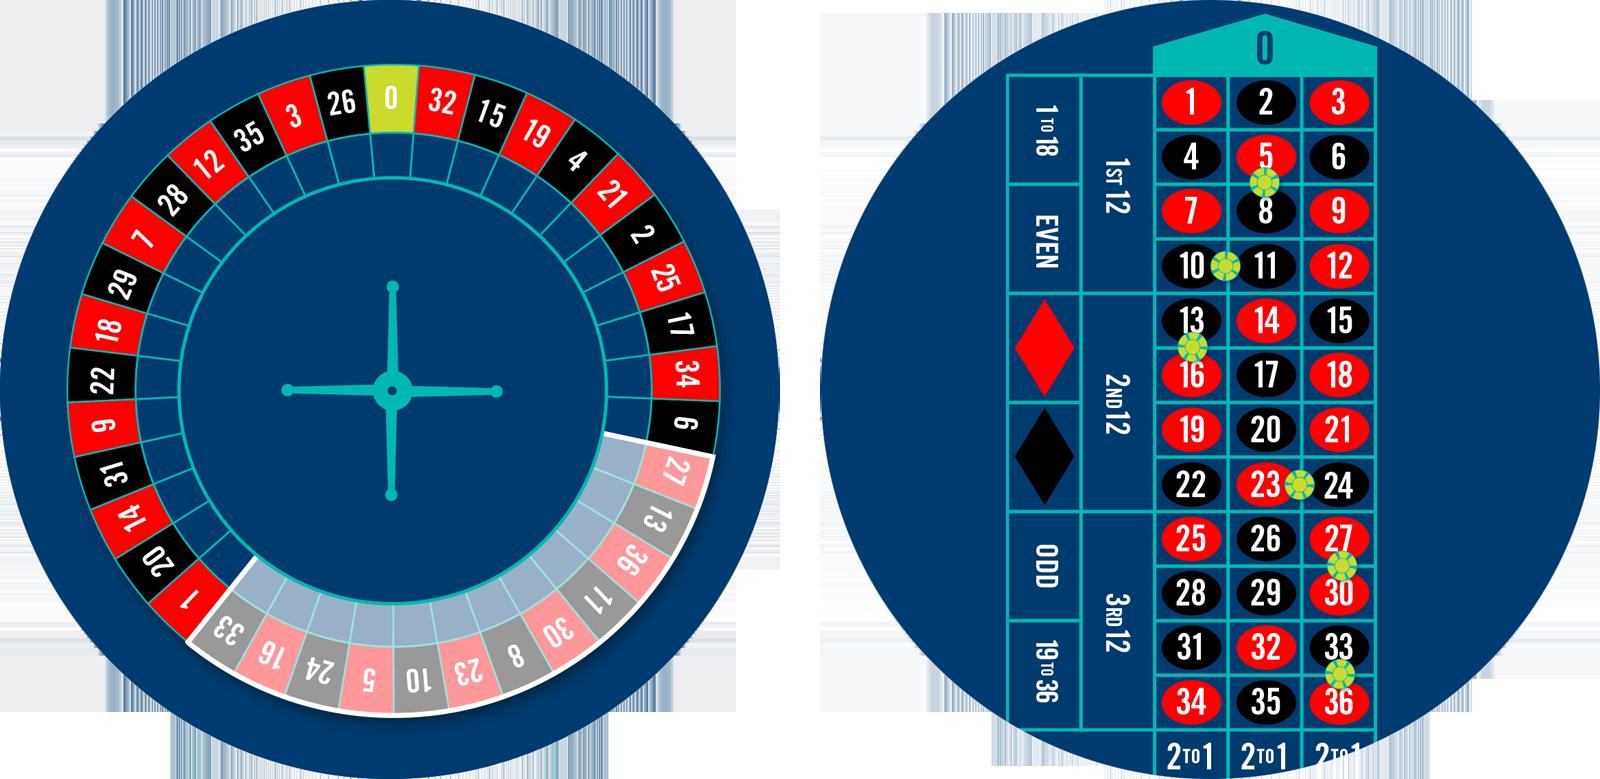 Une roue de Roulette dont les mises Tiers sont en surbrillance et une table de Roulette comprenant 6 jetons placés sur les mises Tiers.